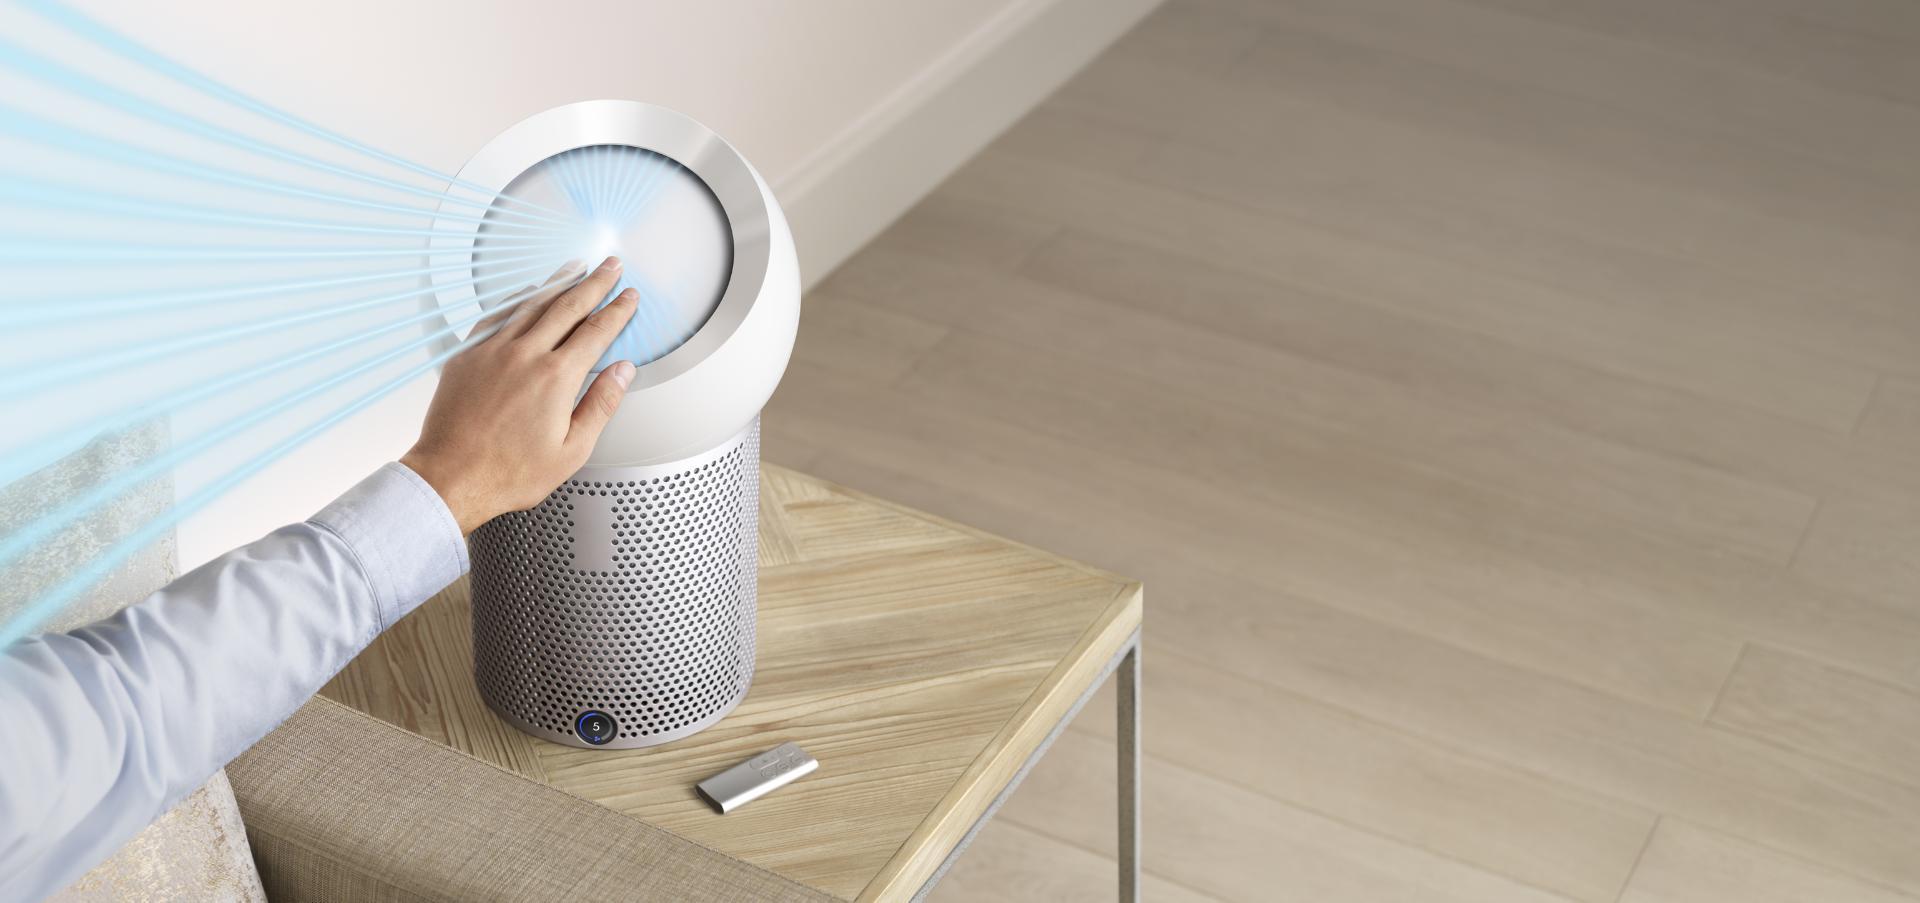 يدّ تمتد لتغيير اتجاه تدفق الهواء باستخدام تكنولوجيا Dyson Core Flow